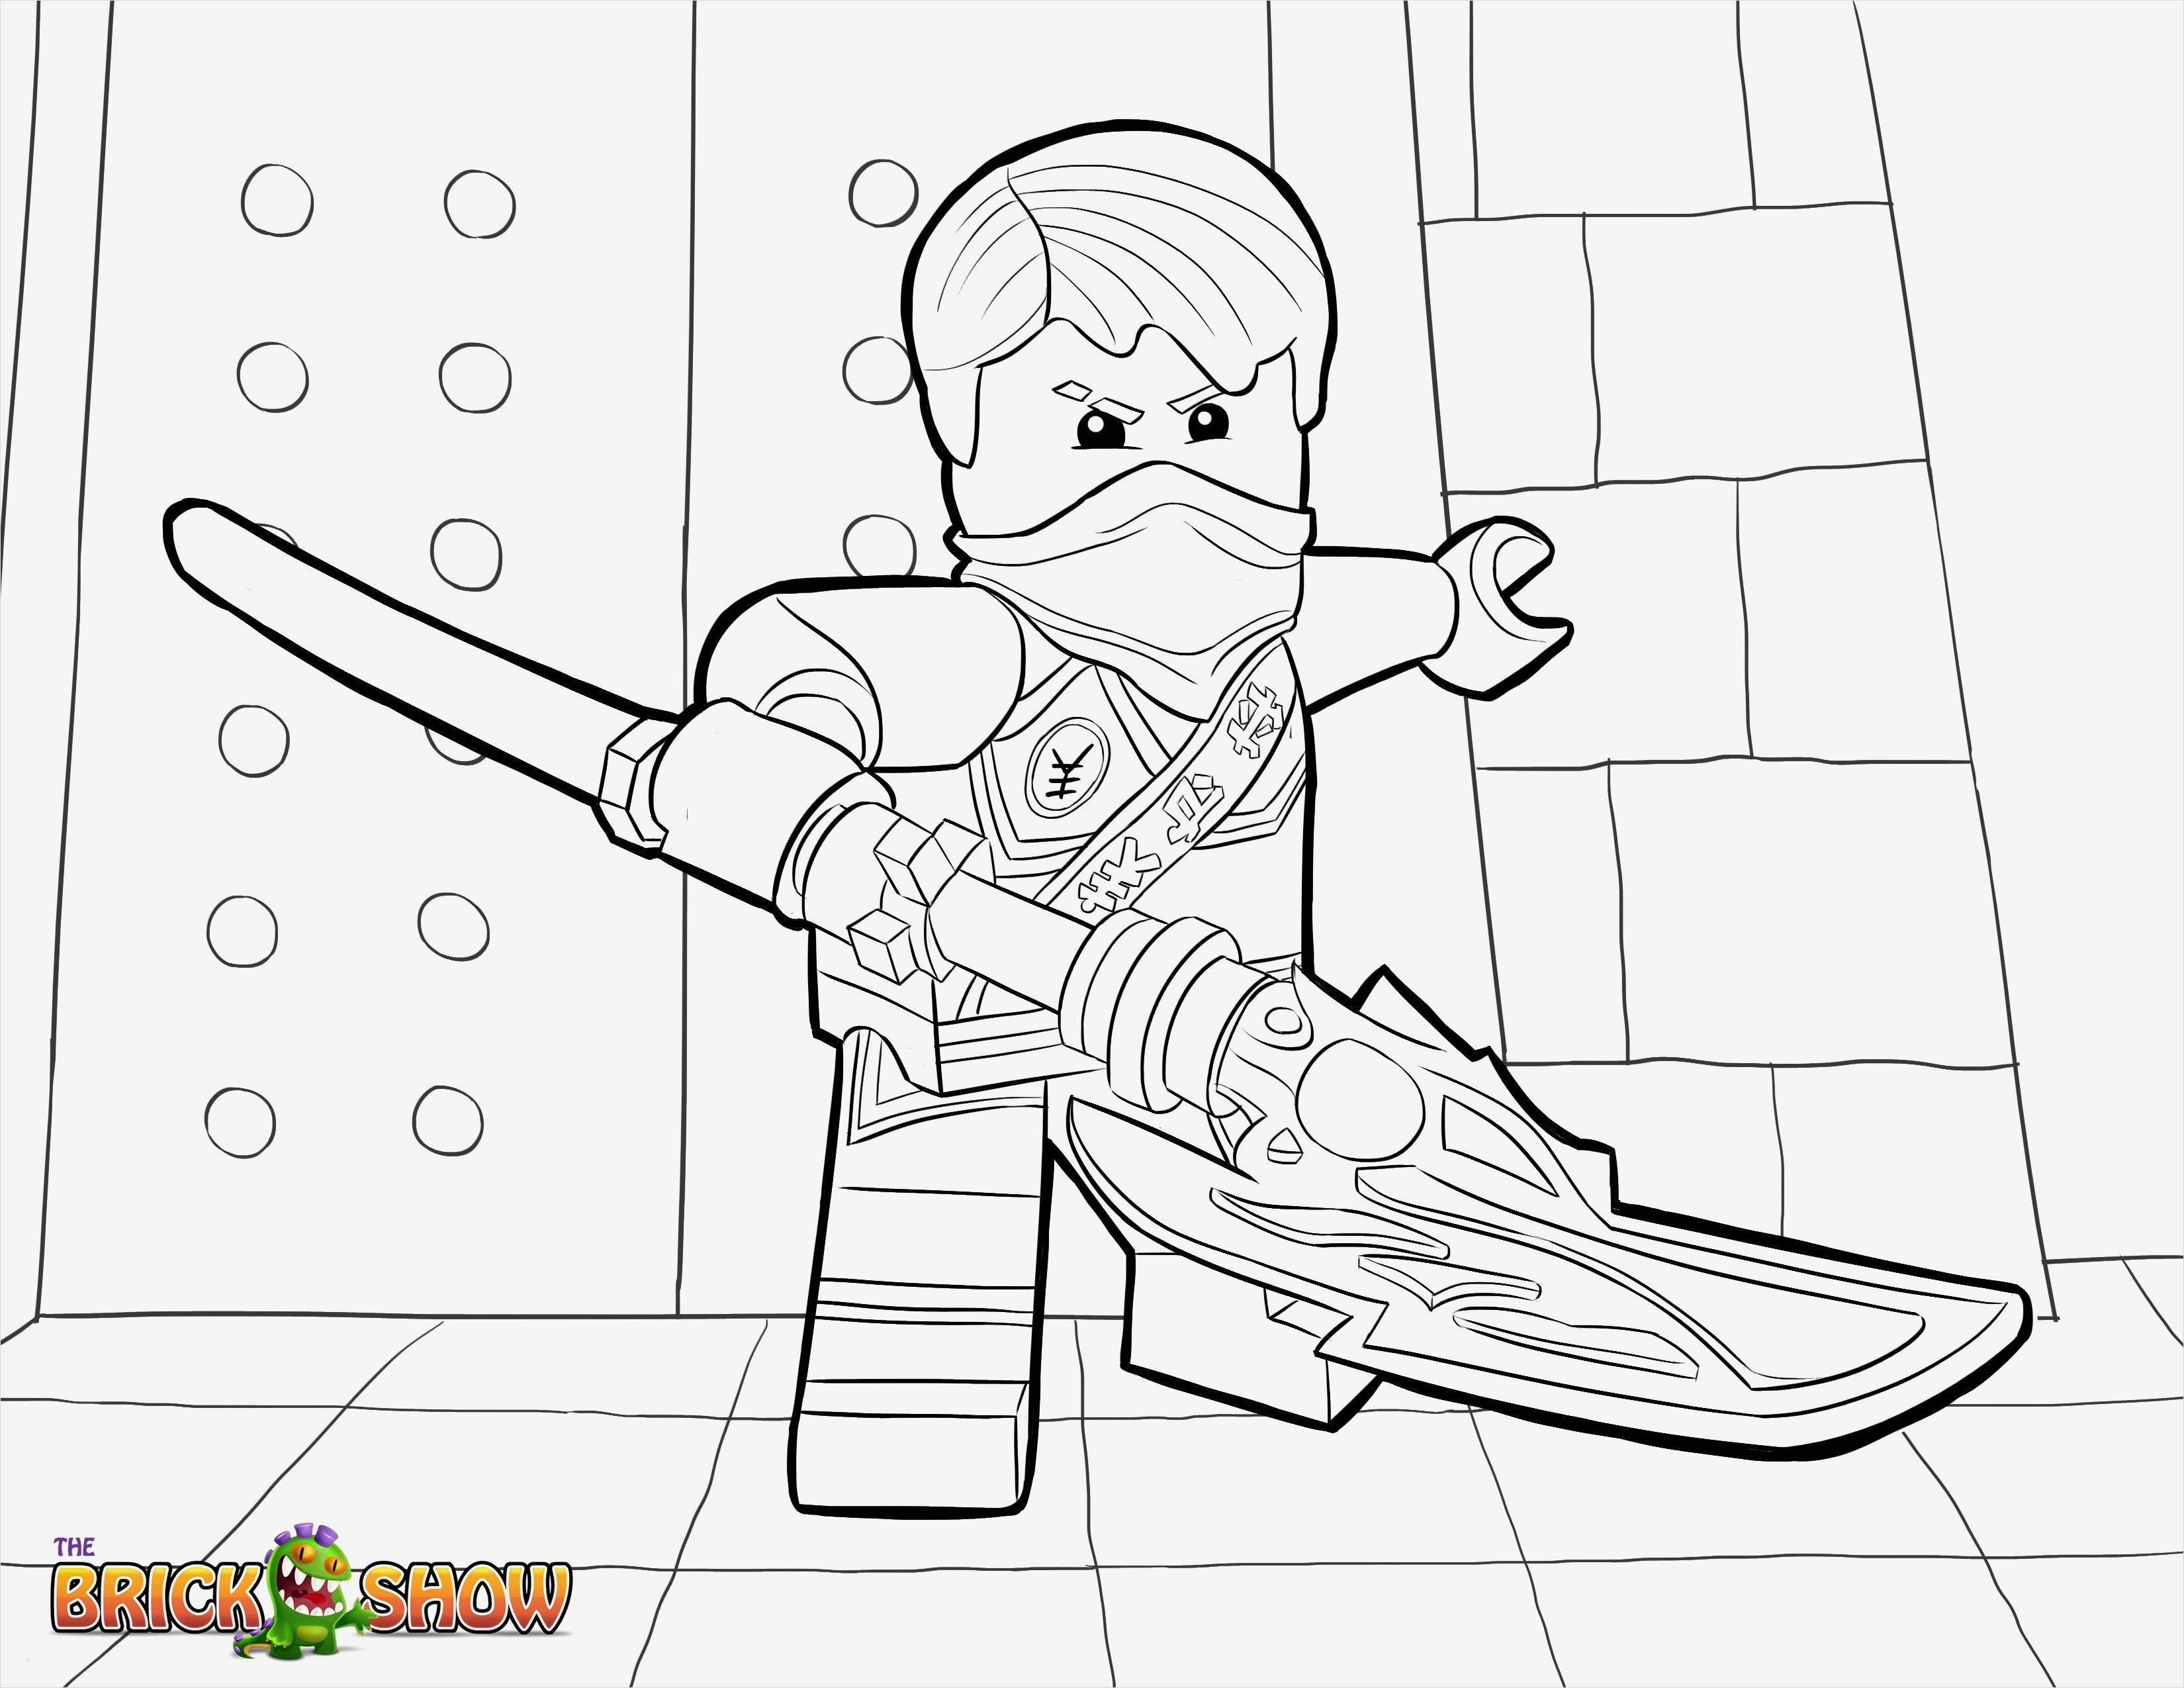 Ausmalbilder Batman Lego Das Beste Von Beispielbilder Färben Ninjago Ausmalbilder Frisch Ausmalbilder Bild